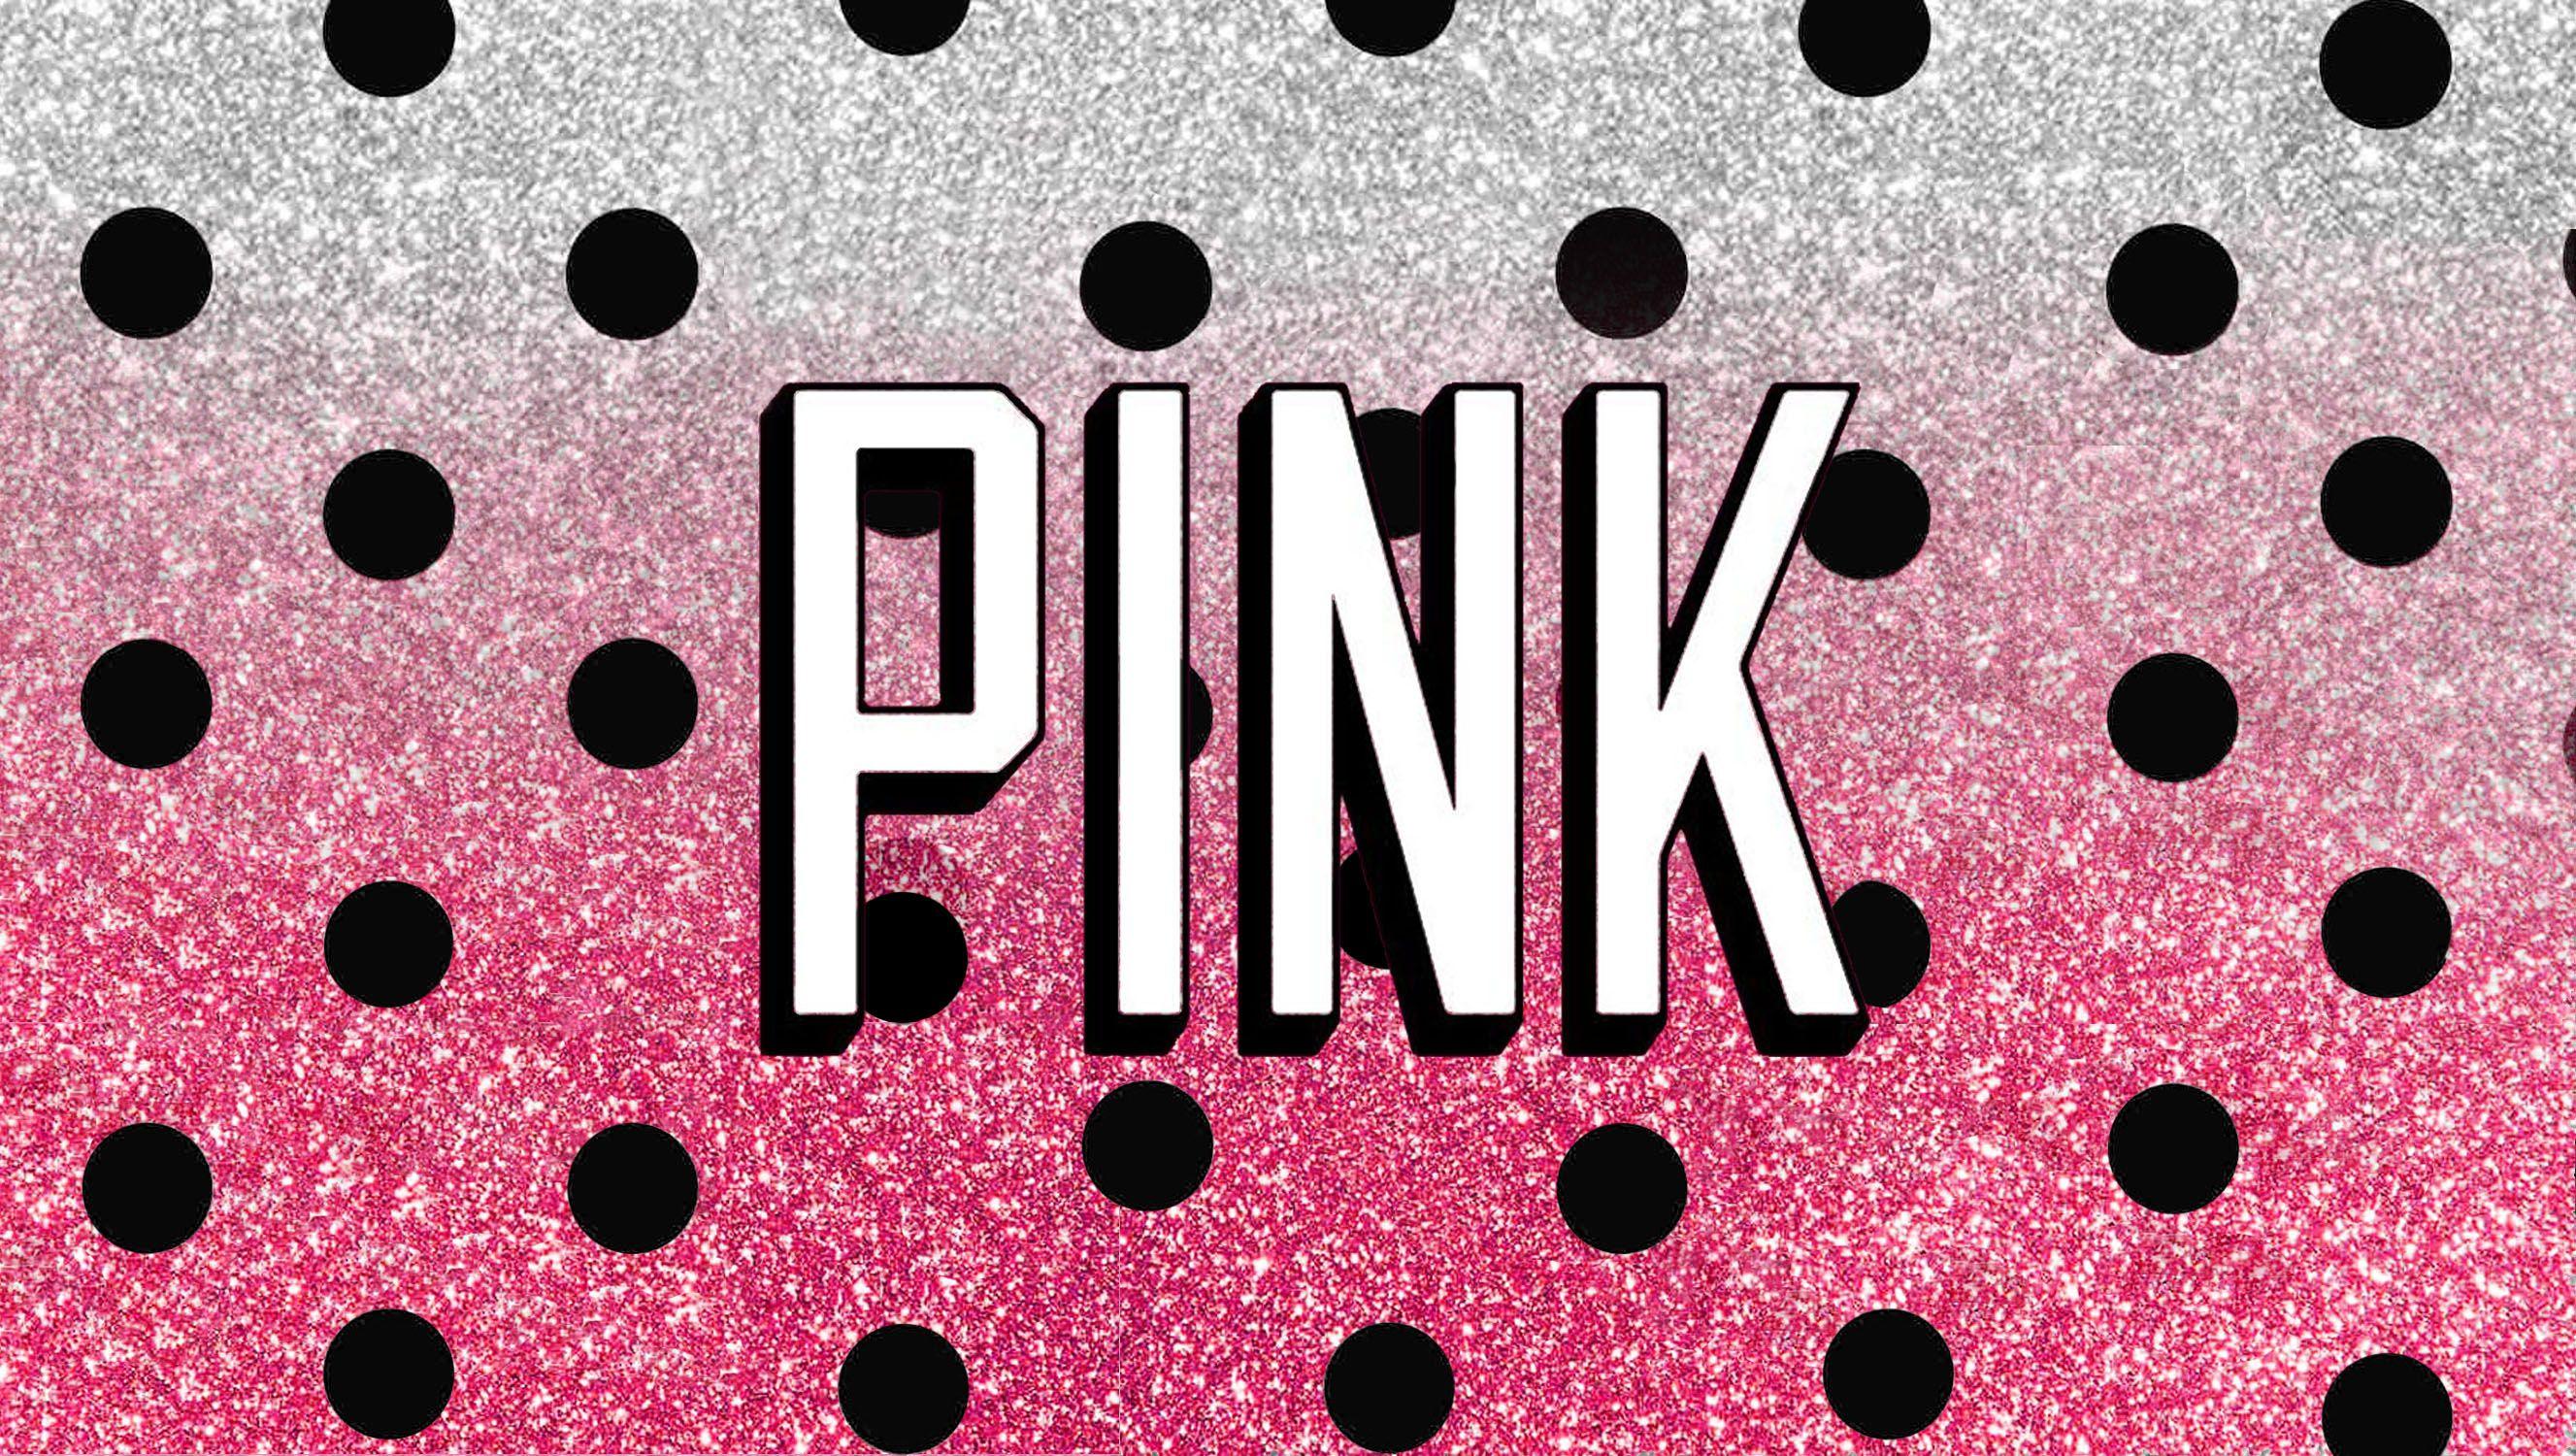 Victoria Secret Love Pink Background Pink Galaxy